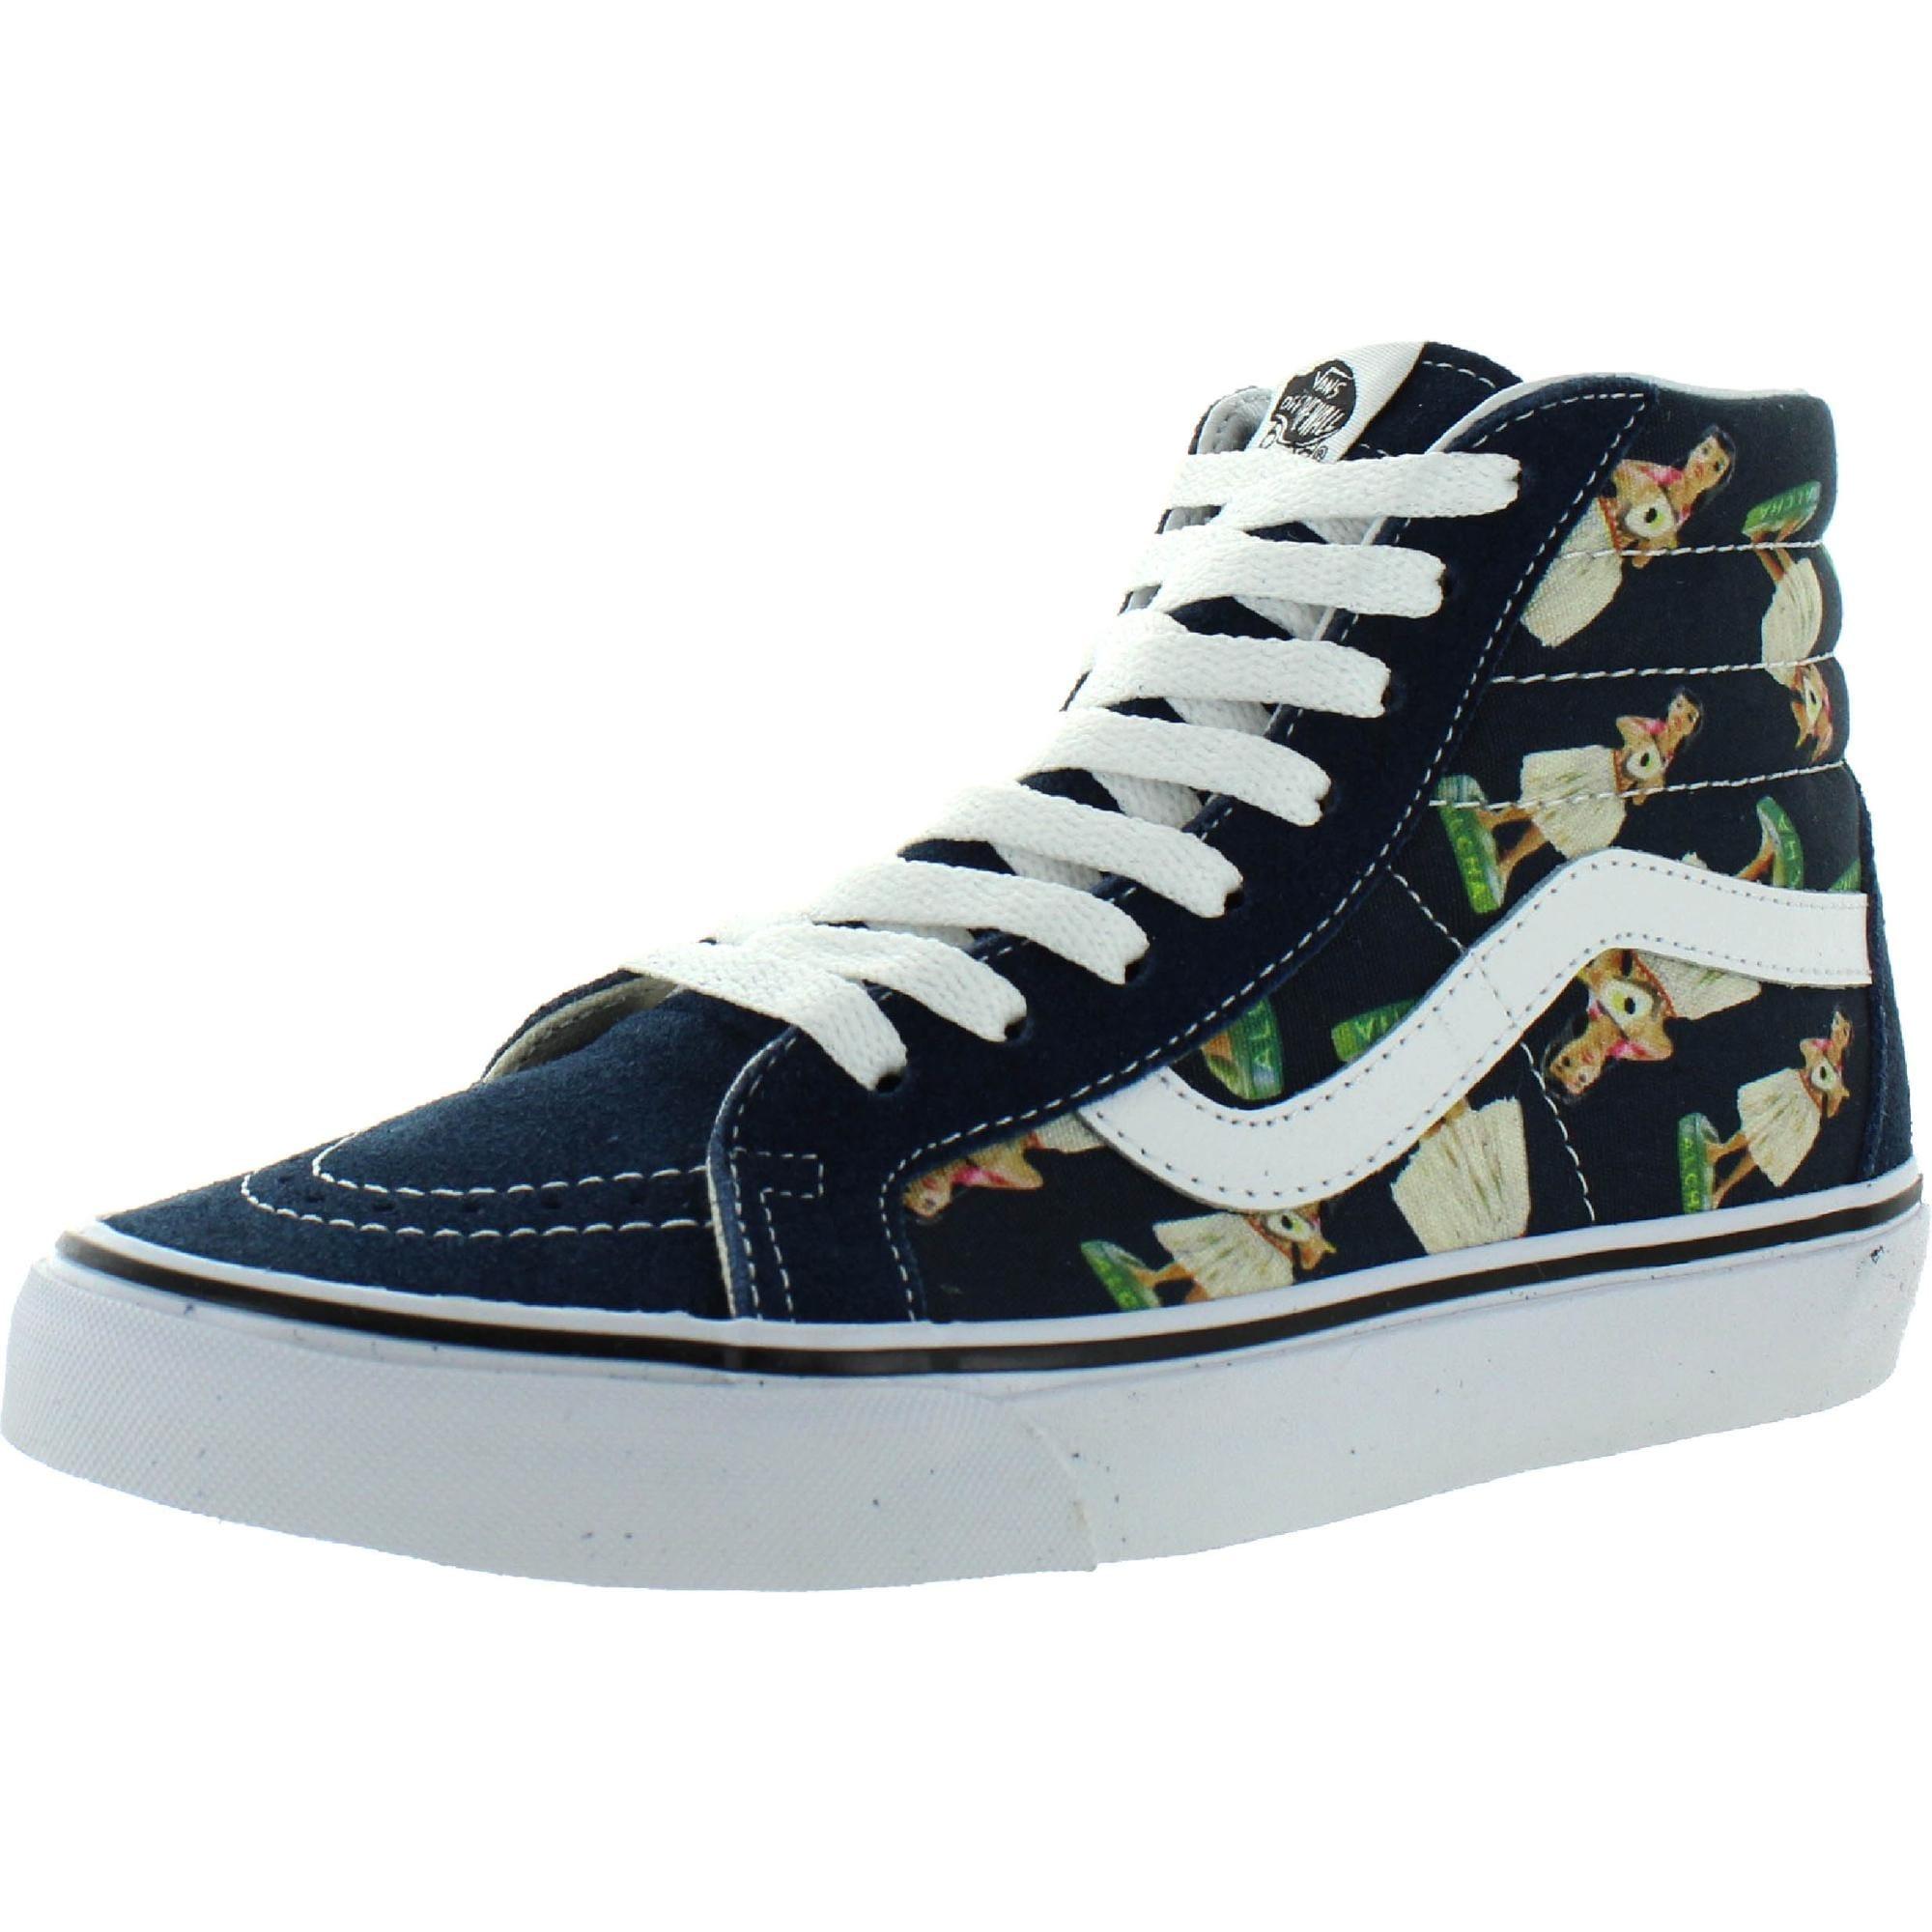 vans men's skateboarding shoes